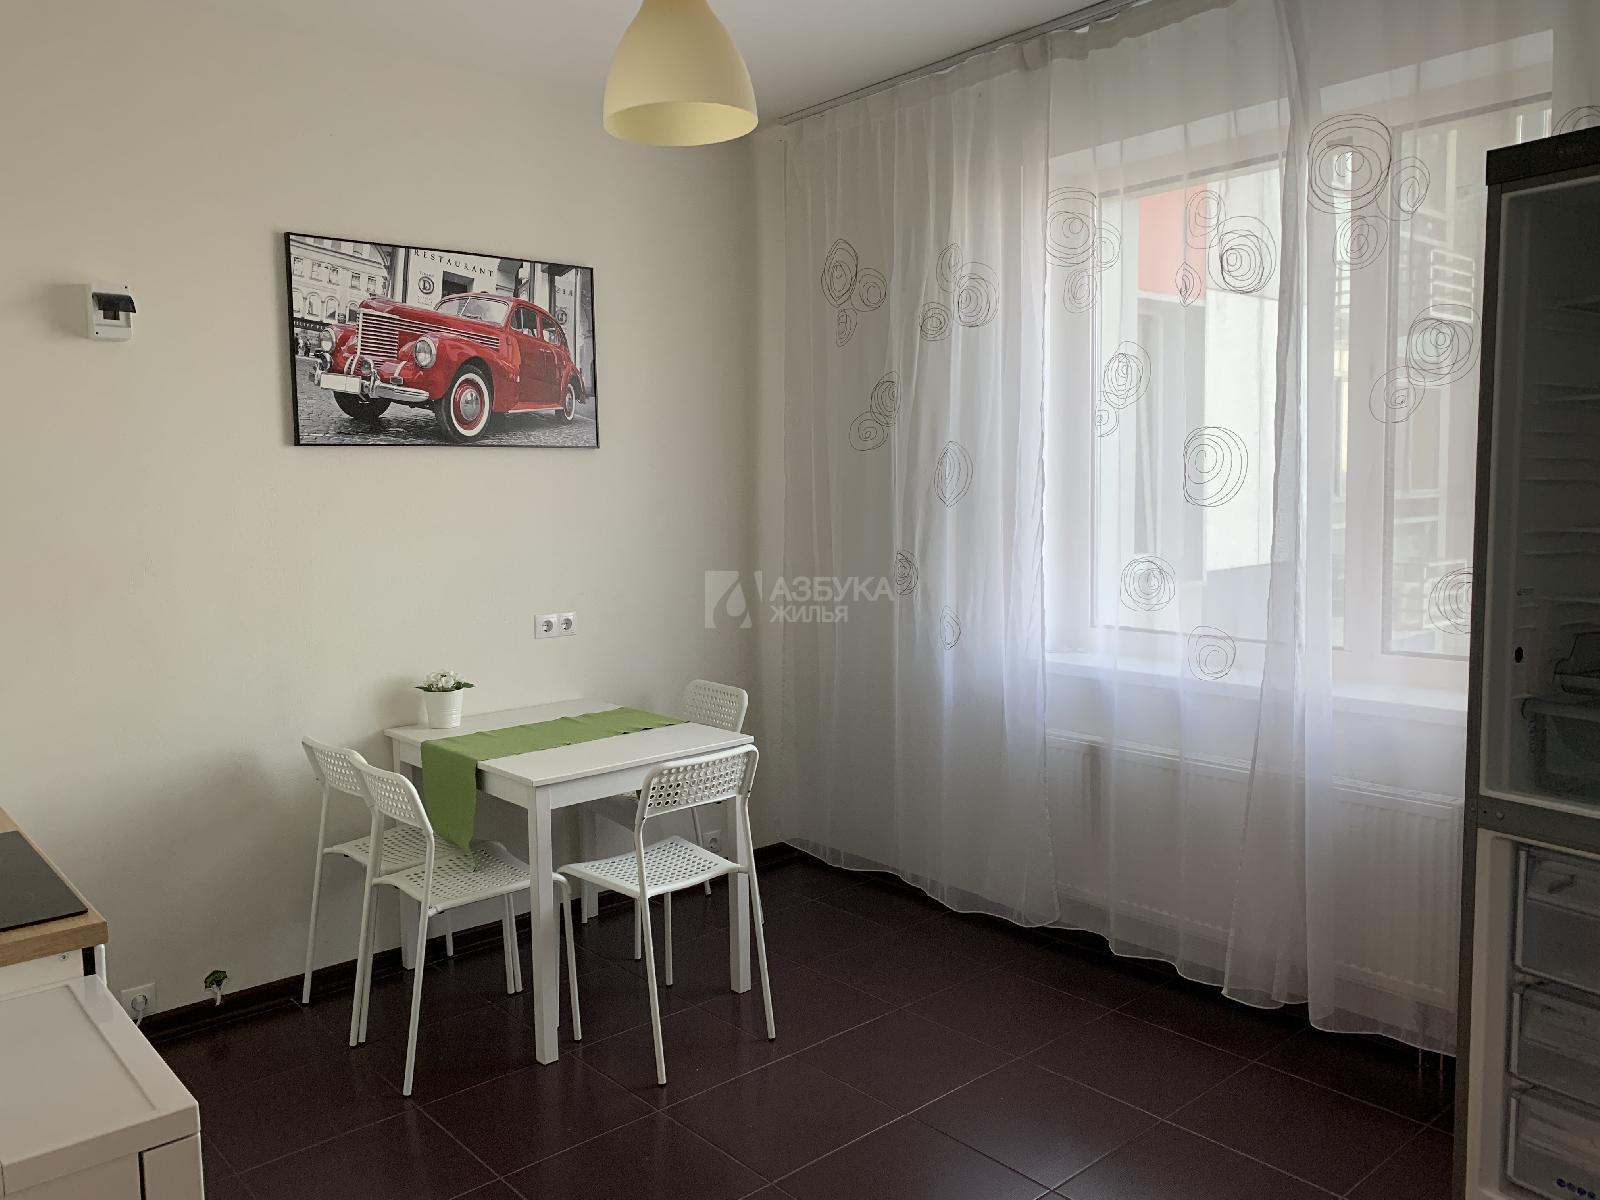 Фото №25 - 2-комнатная квартира, Москва, Митинская улица 28 корпус 2, метро Митино